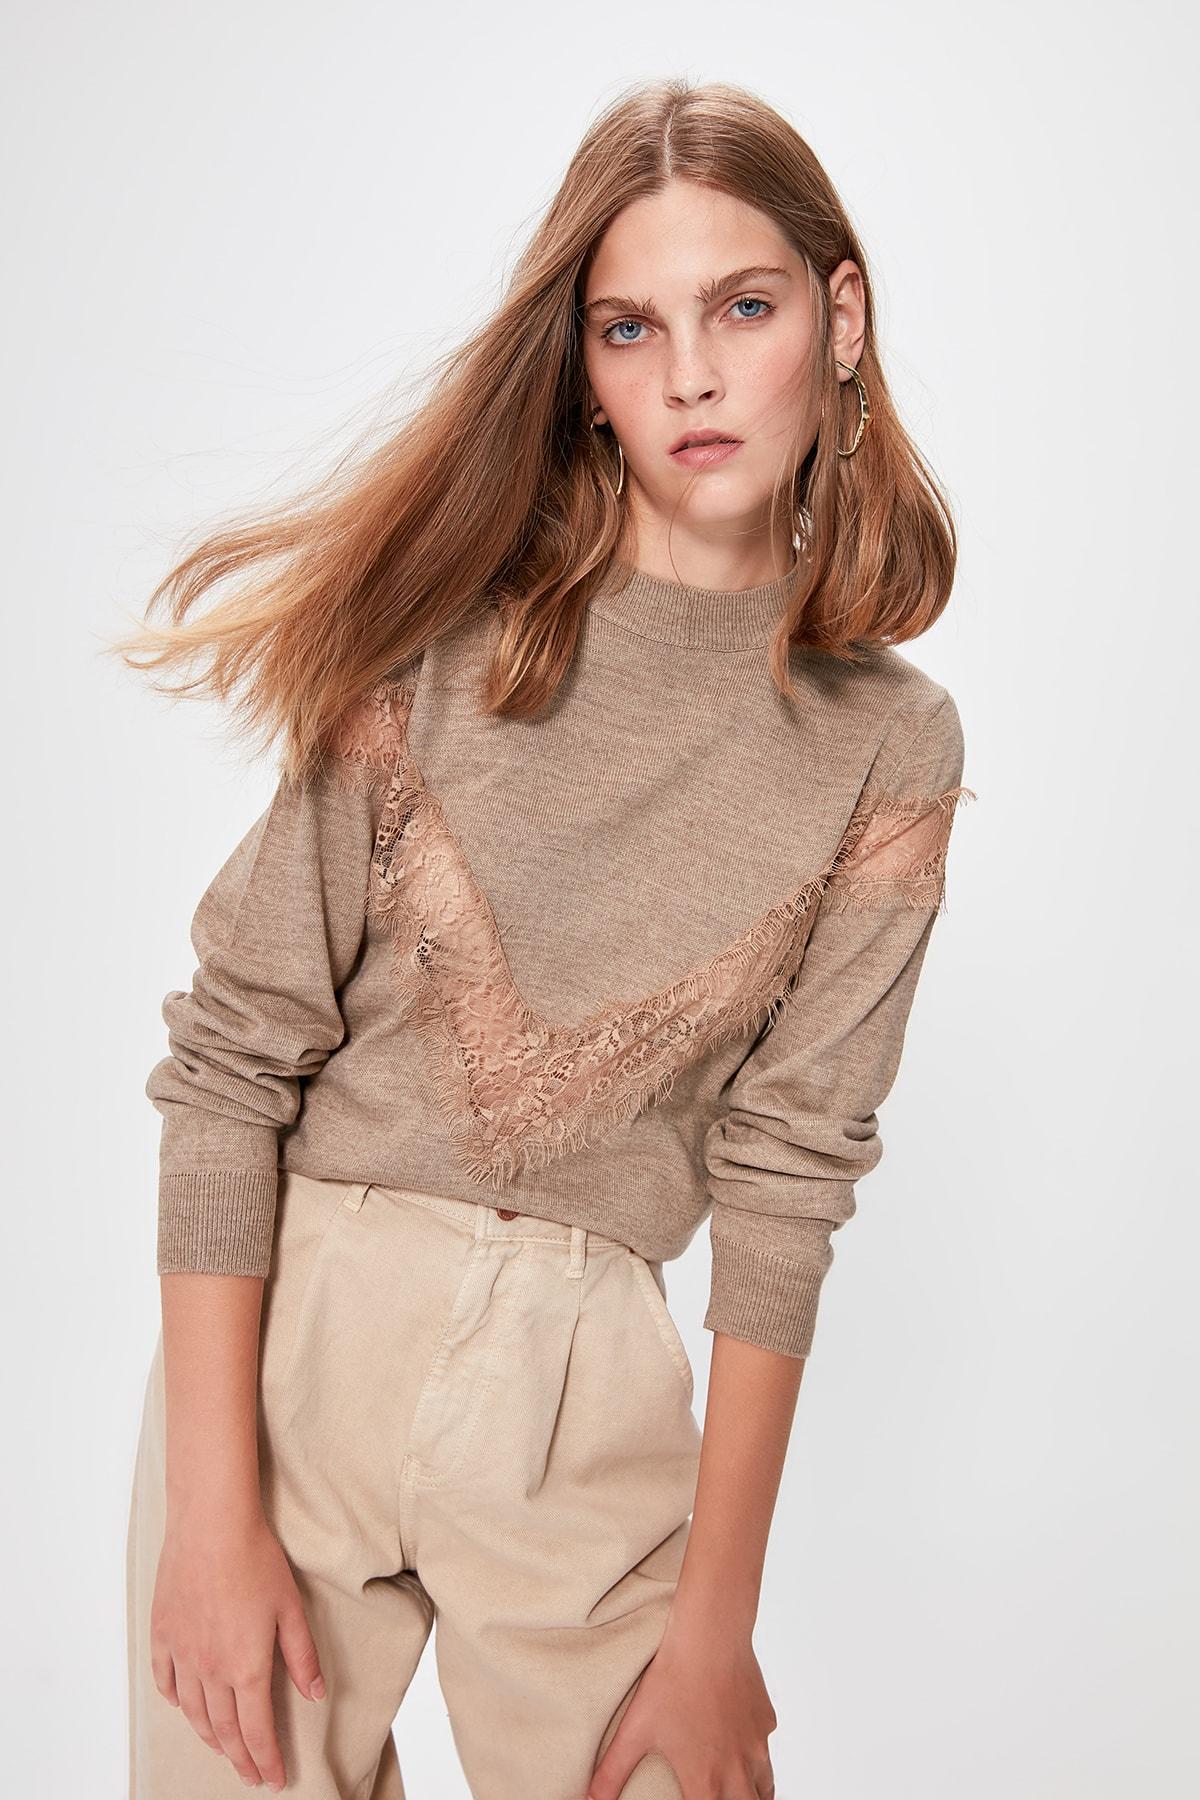 Trendyol Beige Lace Detail Sweater Sweater TWOAW20IS0012